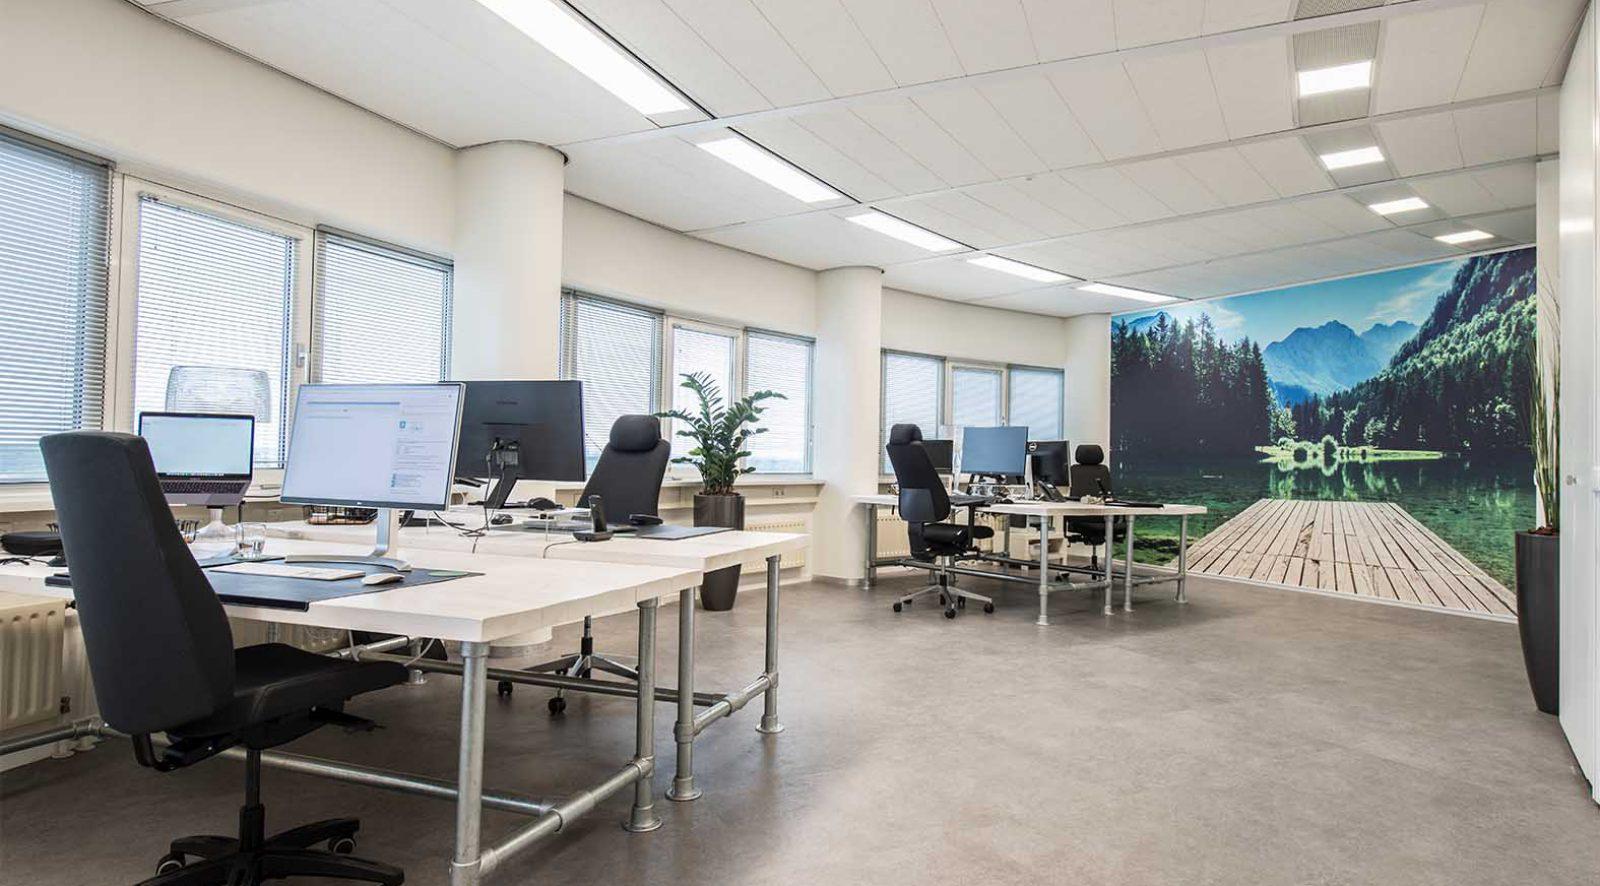 kantoorruimte-zoetermeer-huren-zzp-crown-business-center